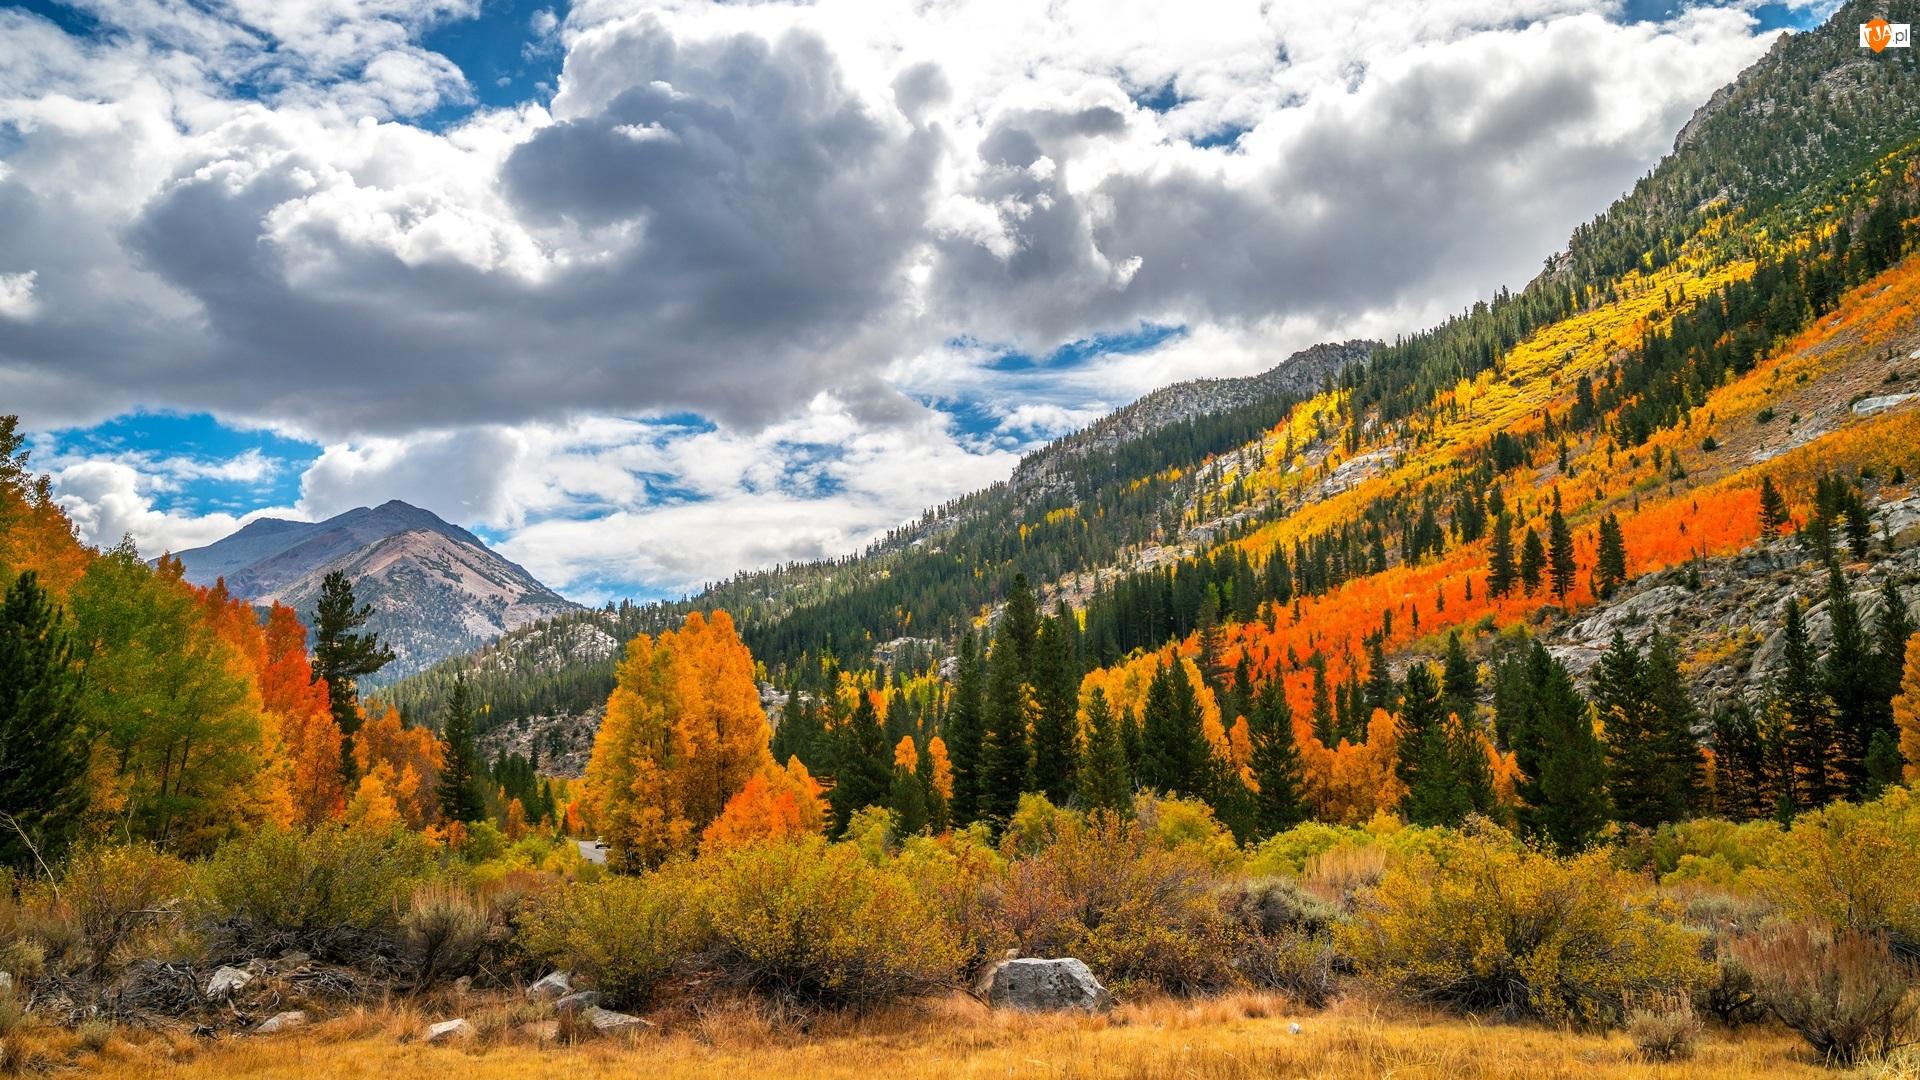 Lasy, Chmury, Drzewa, Góry, Jesień